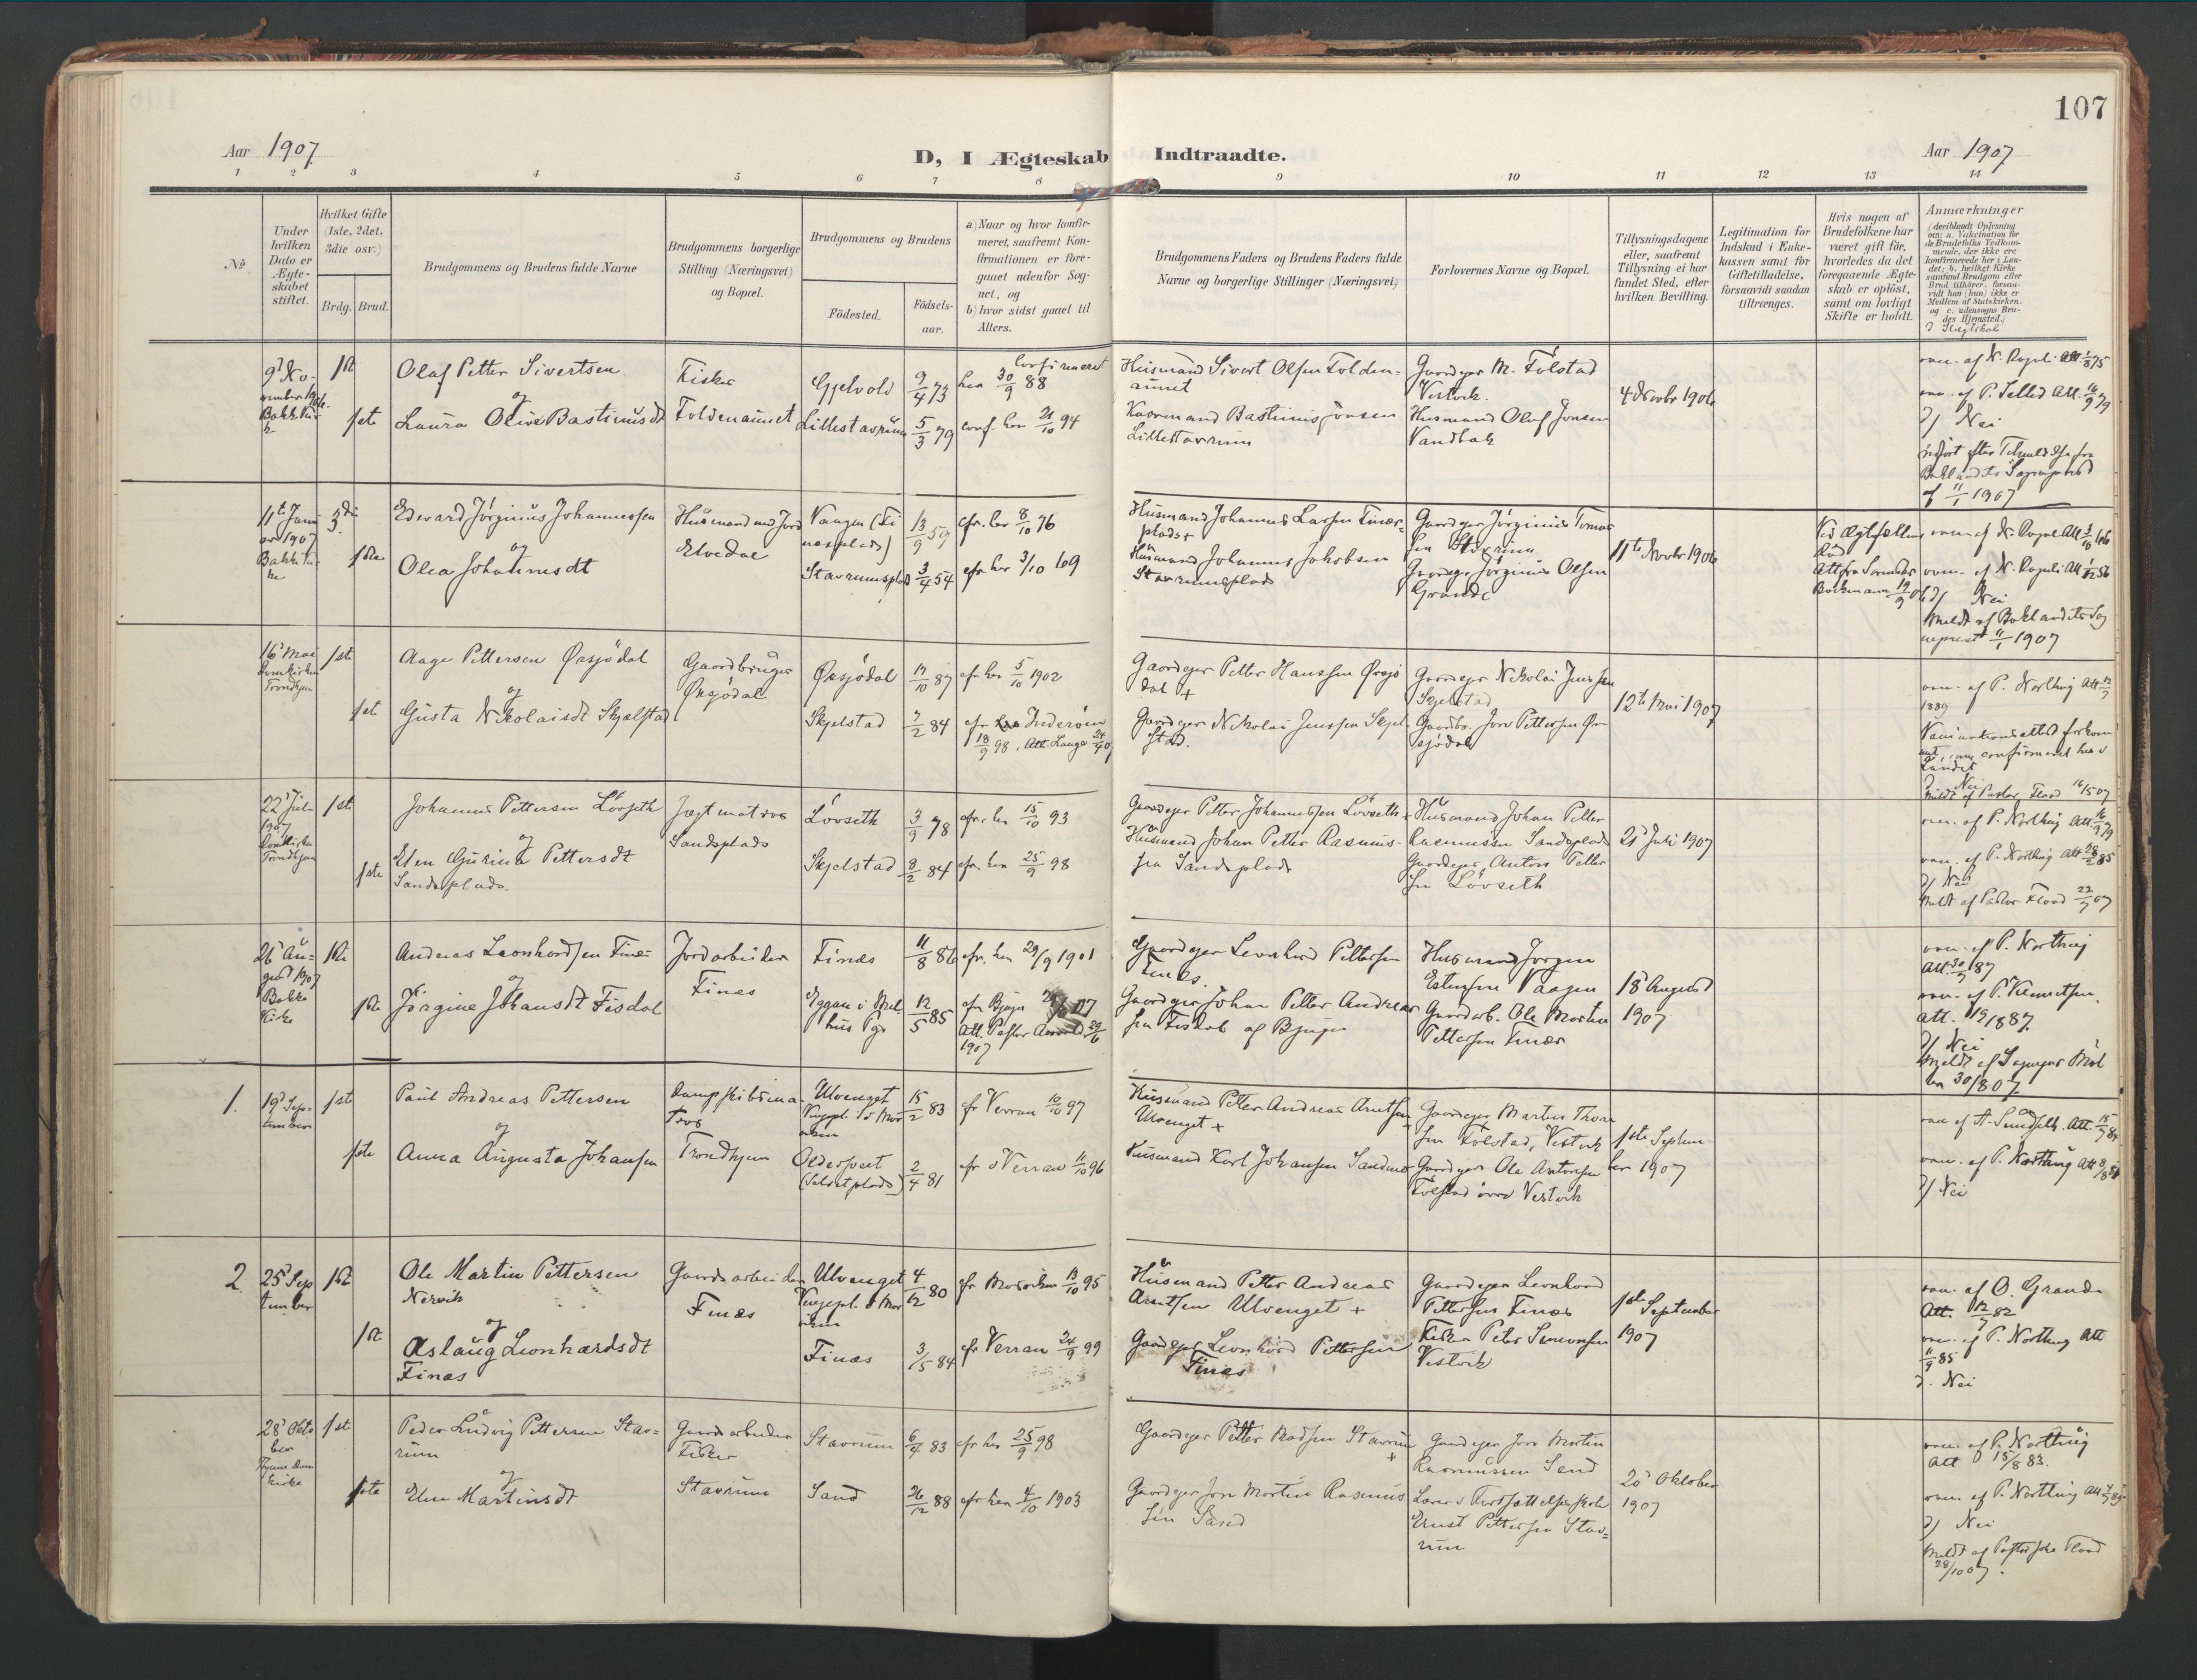 SAT, Ministerialprotokoller, klokkerbøker og fødselsregistre - Nord-Trøndelag, 744/L0421: Ministerialbok nr. 744A05, 1905-1930, s. 107